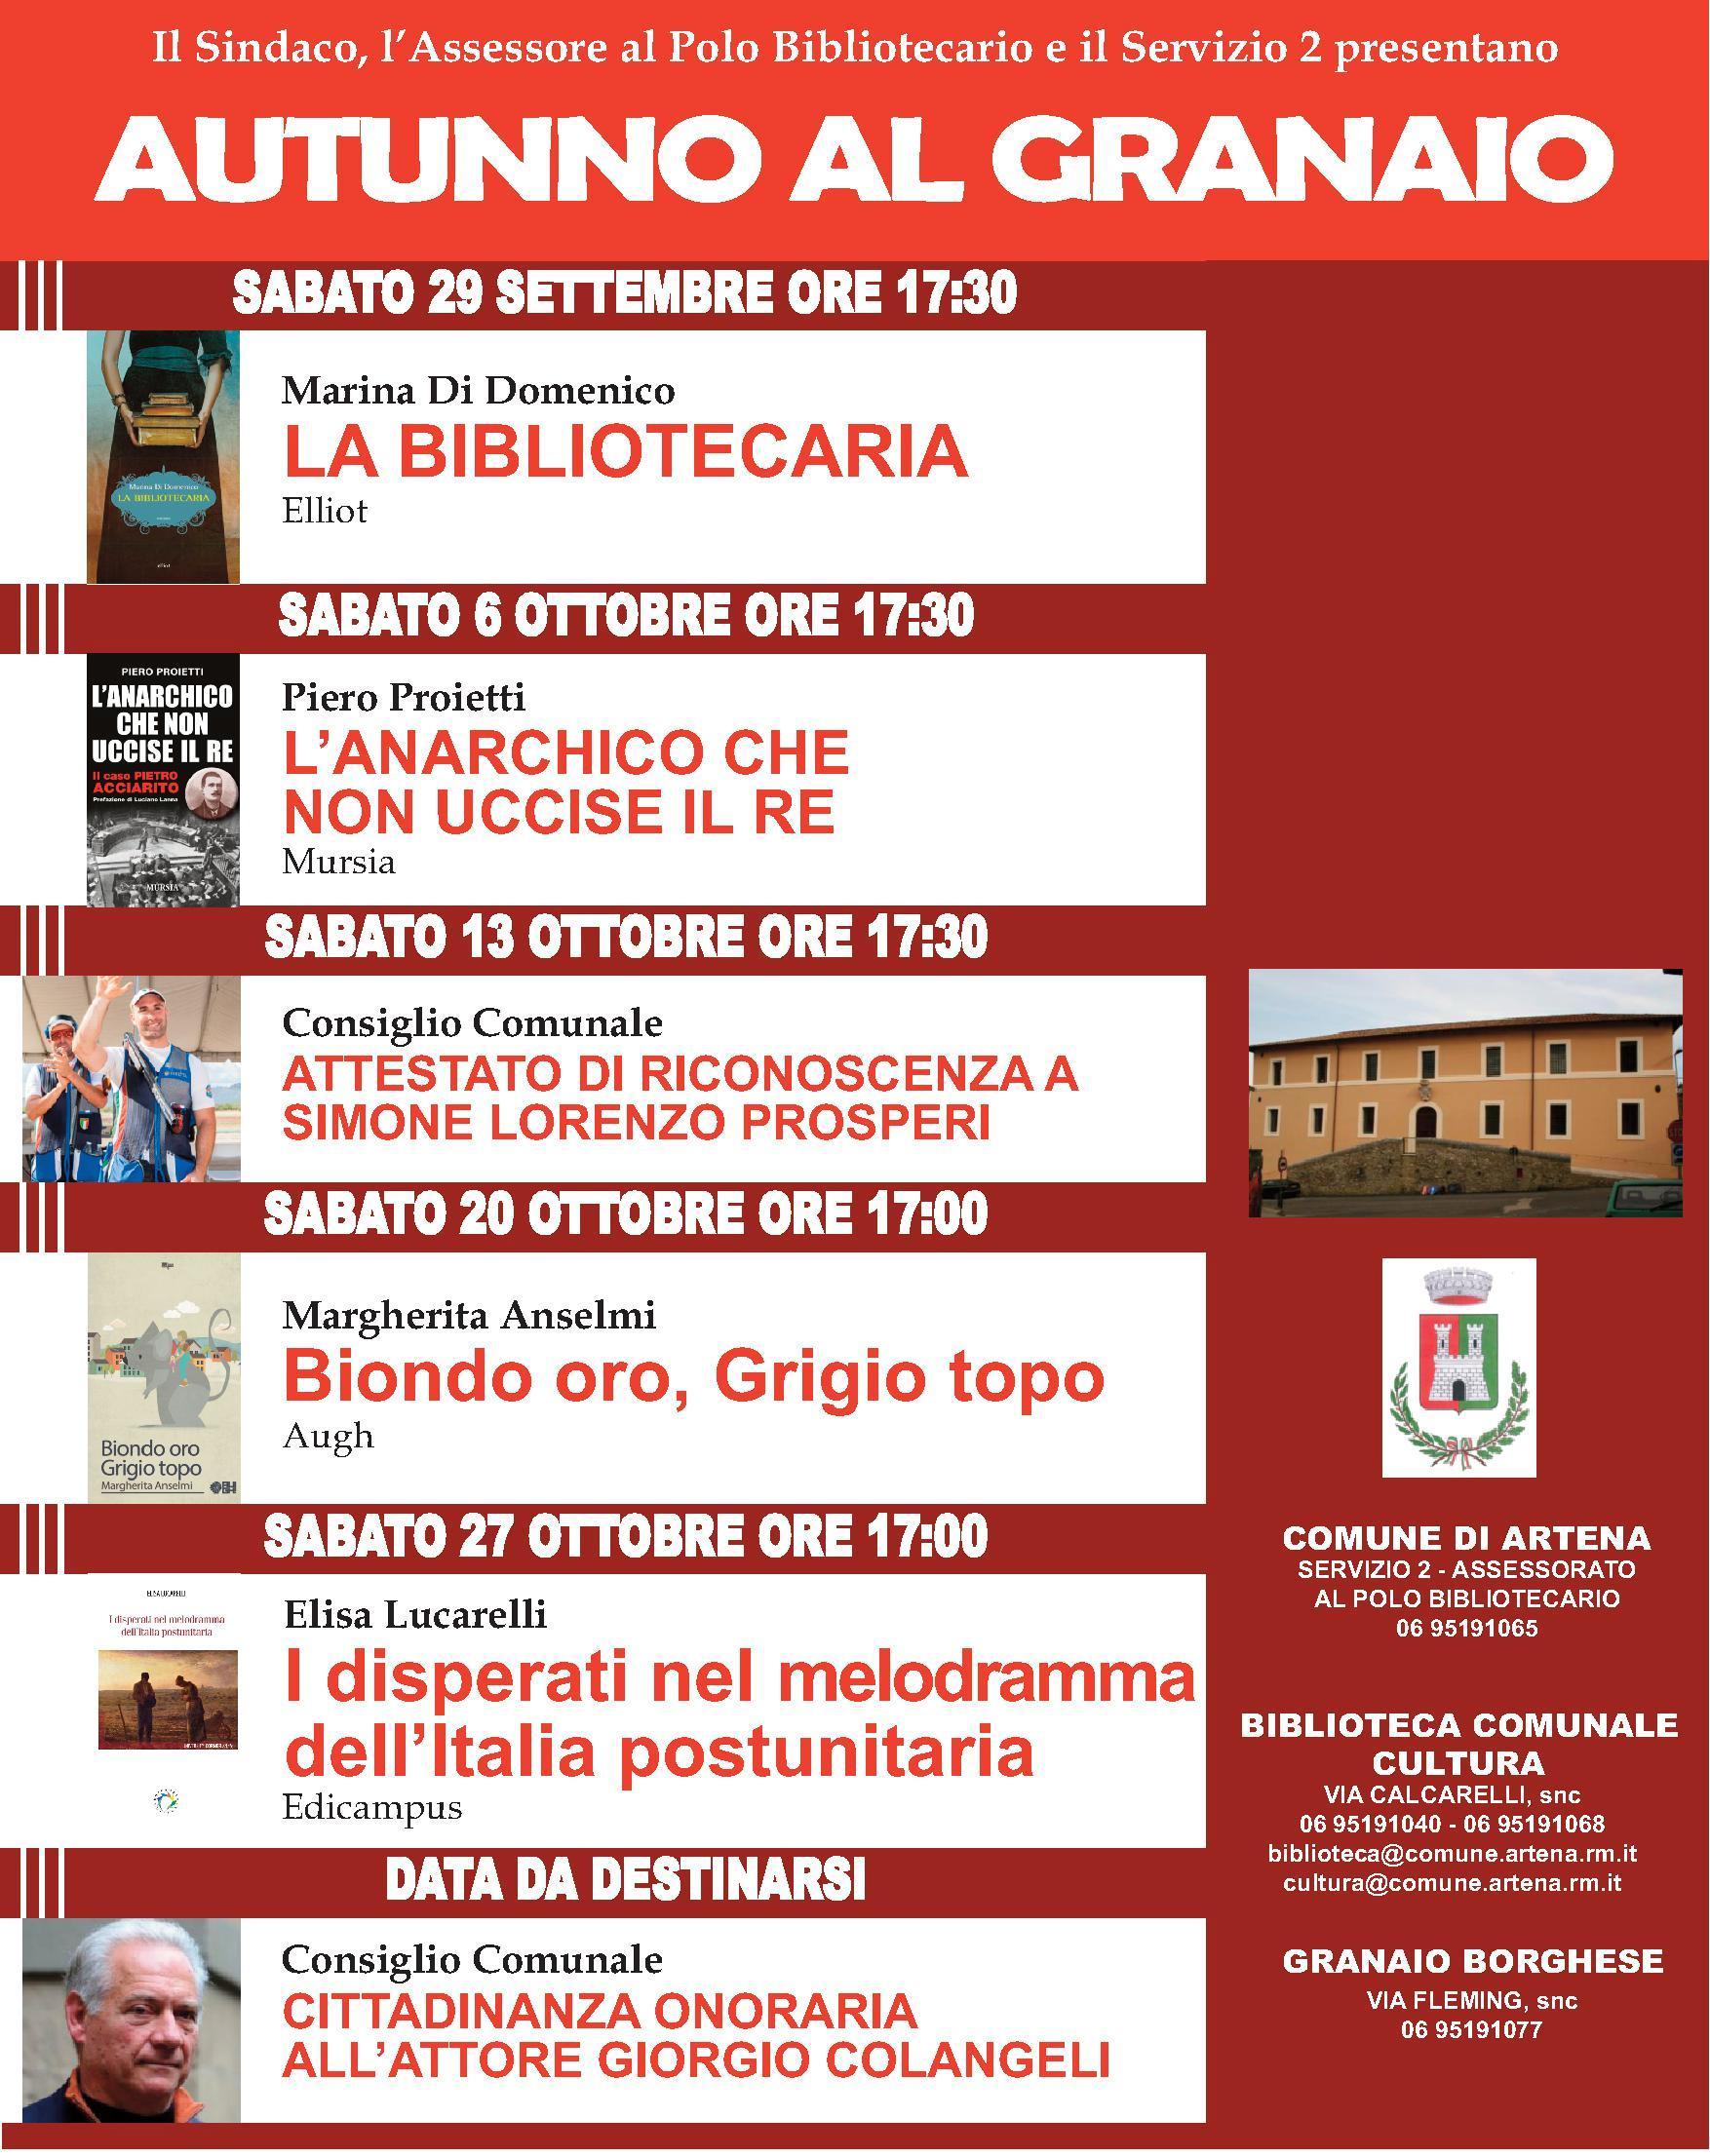 Artena: Autunno al Granaio @ Granaio Borghese | Artena | Lazio | Italia